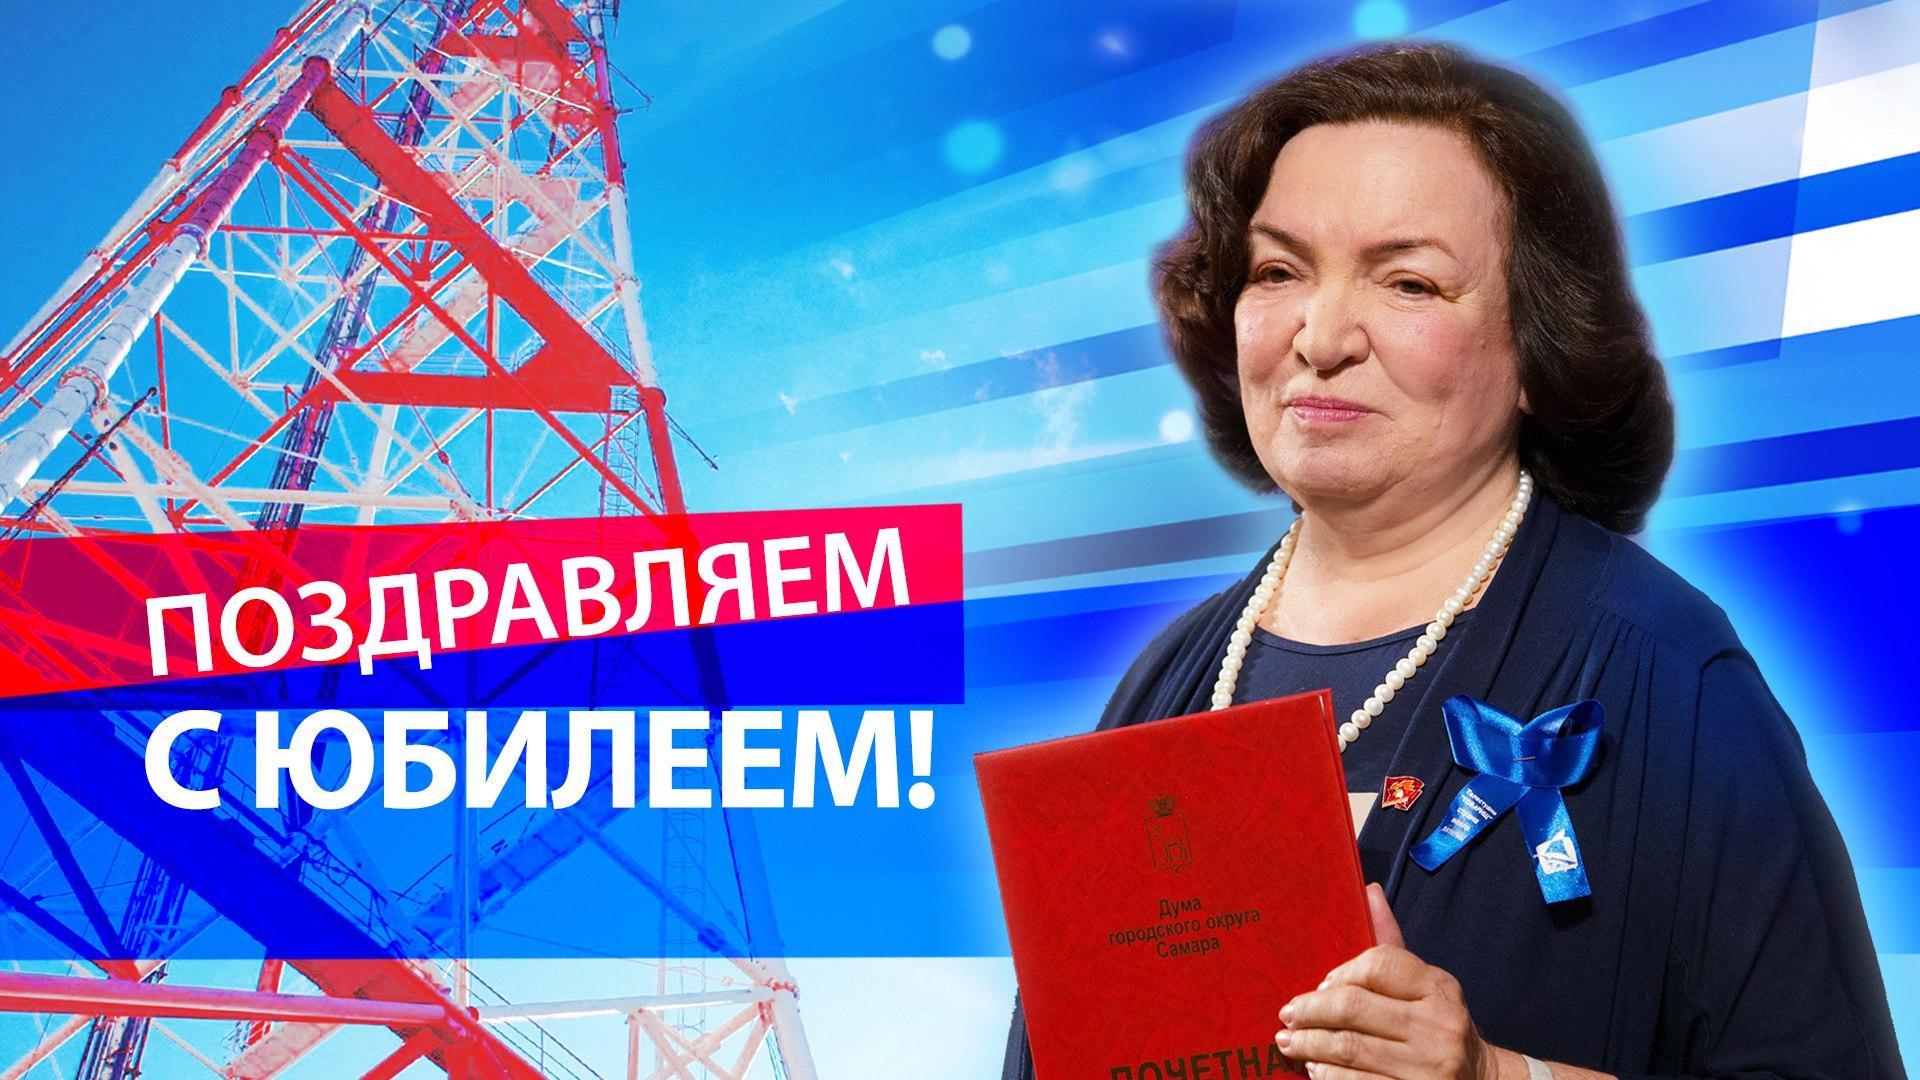 Поздравления для телепередачи фото 164